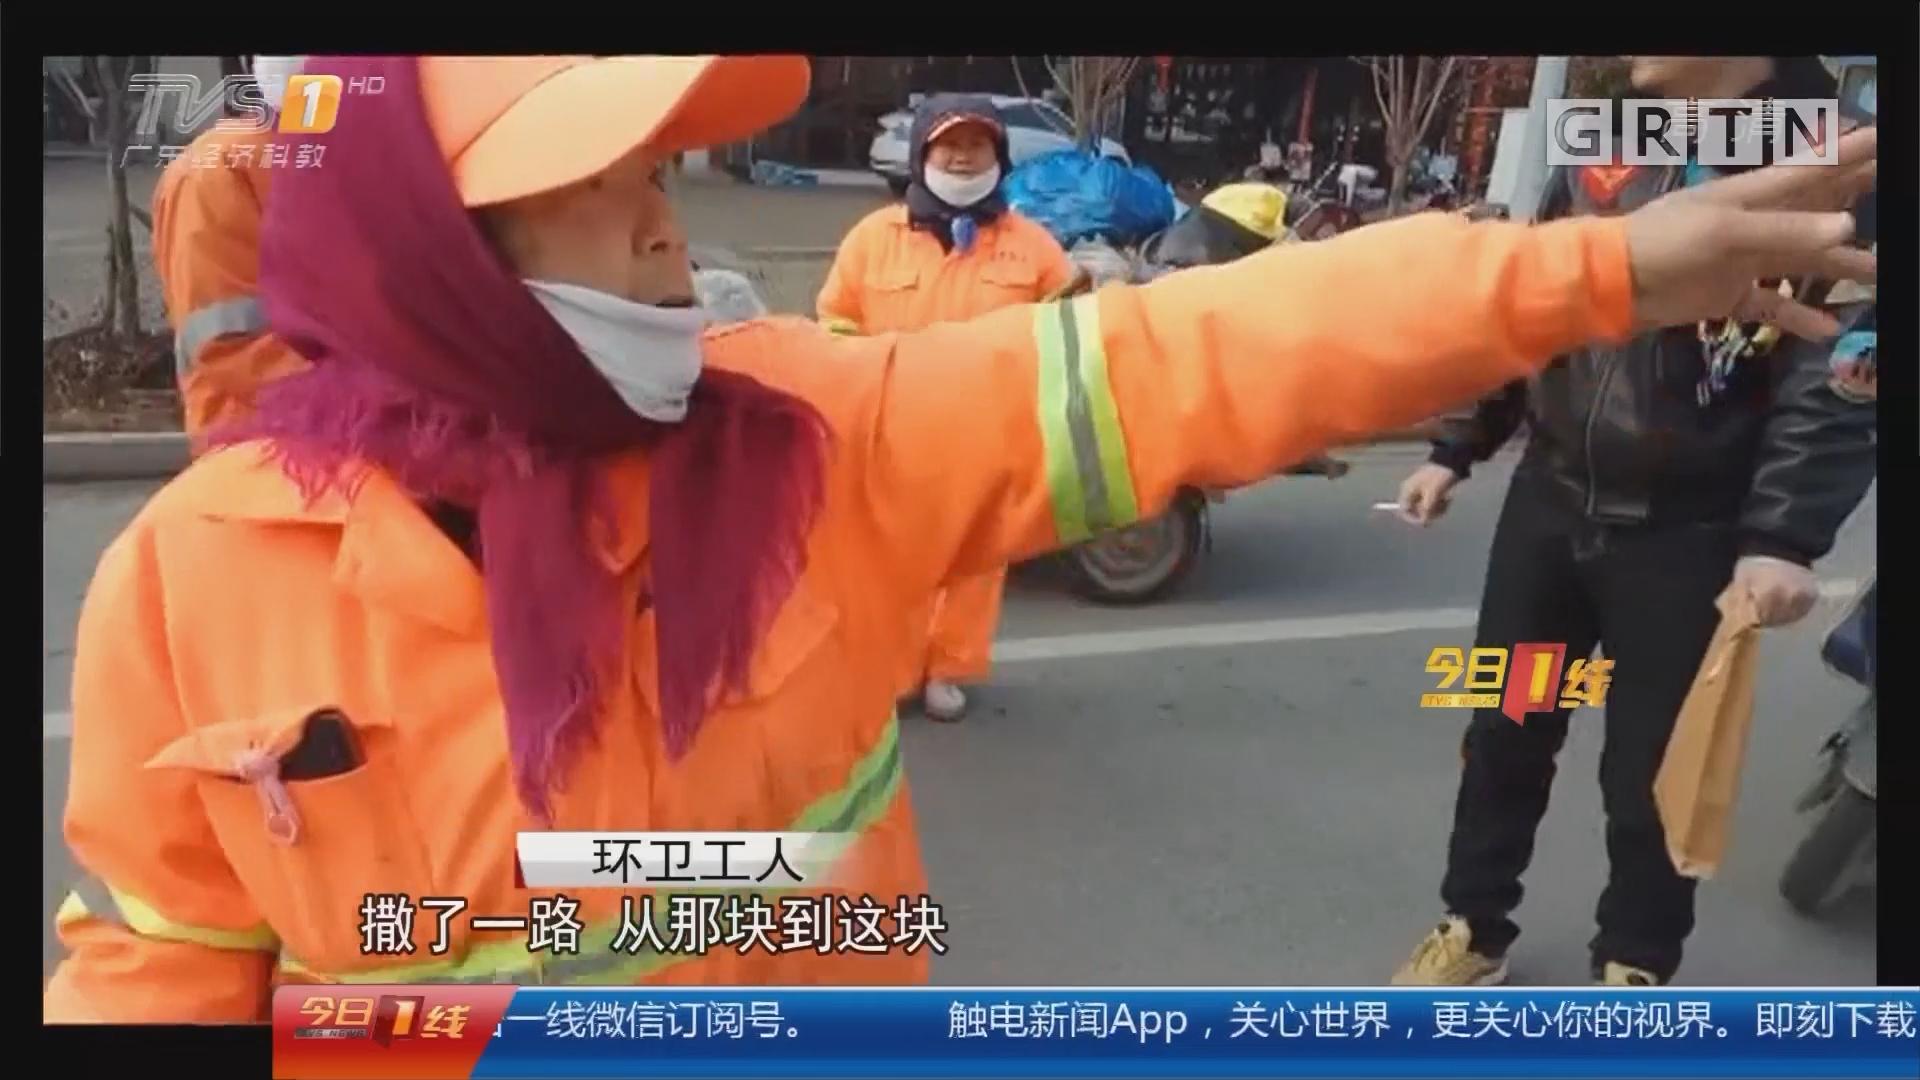 安徽马鞍山:现金撒一路 热心街坊帮捡回